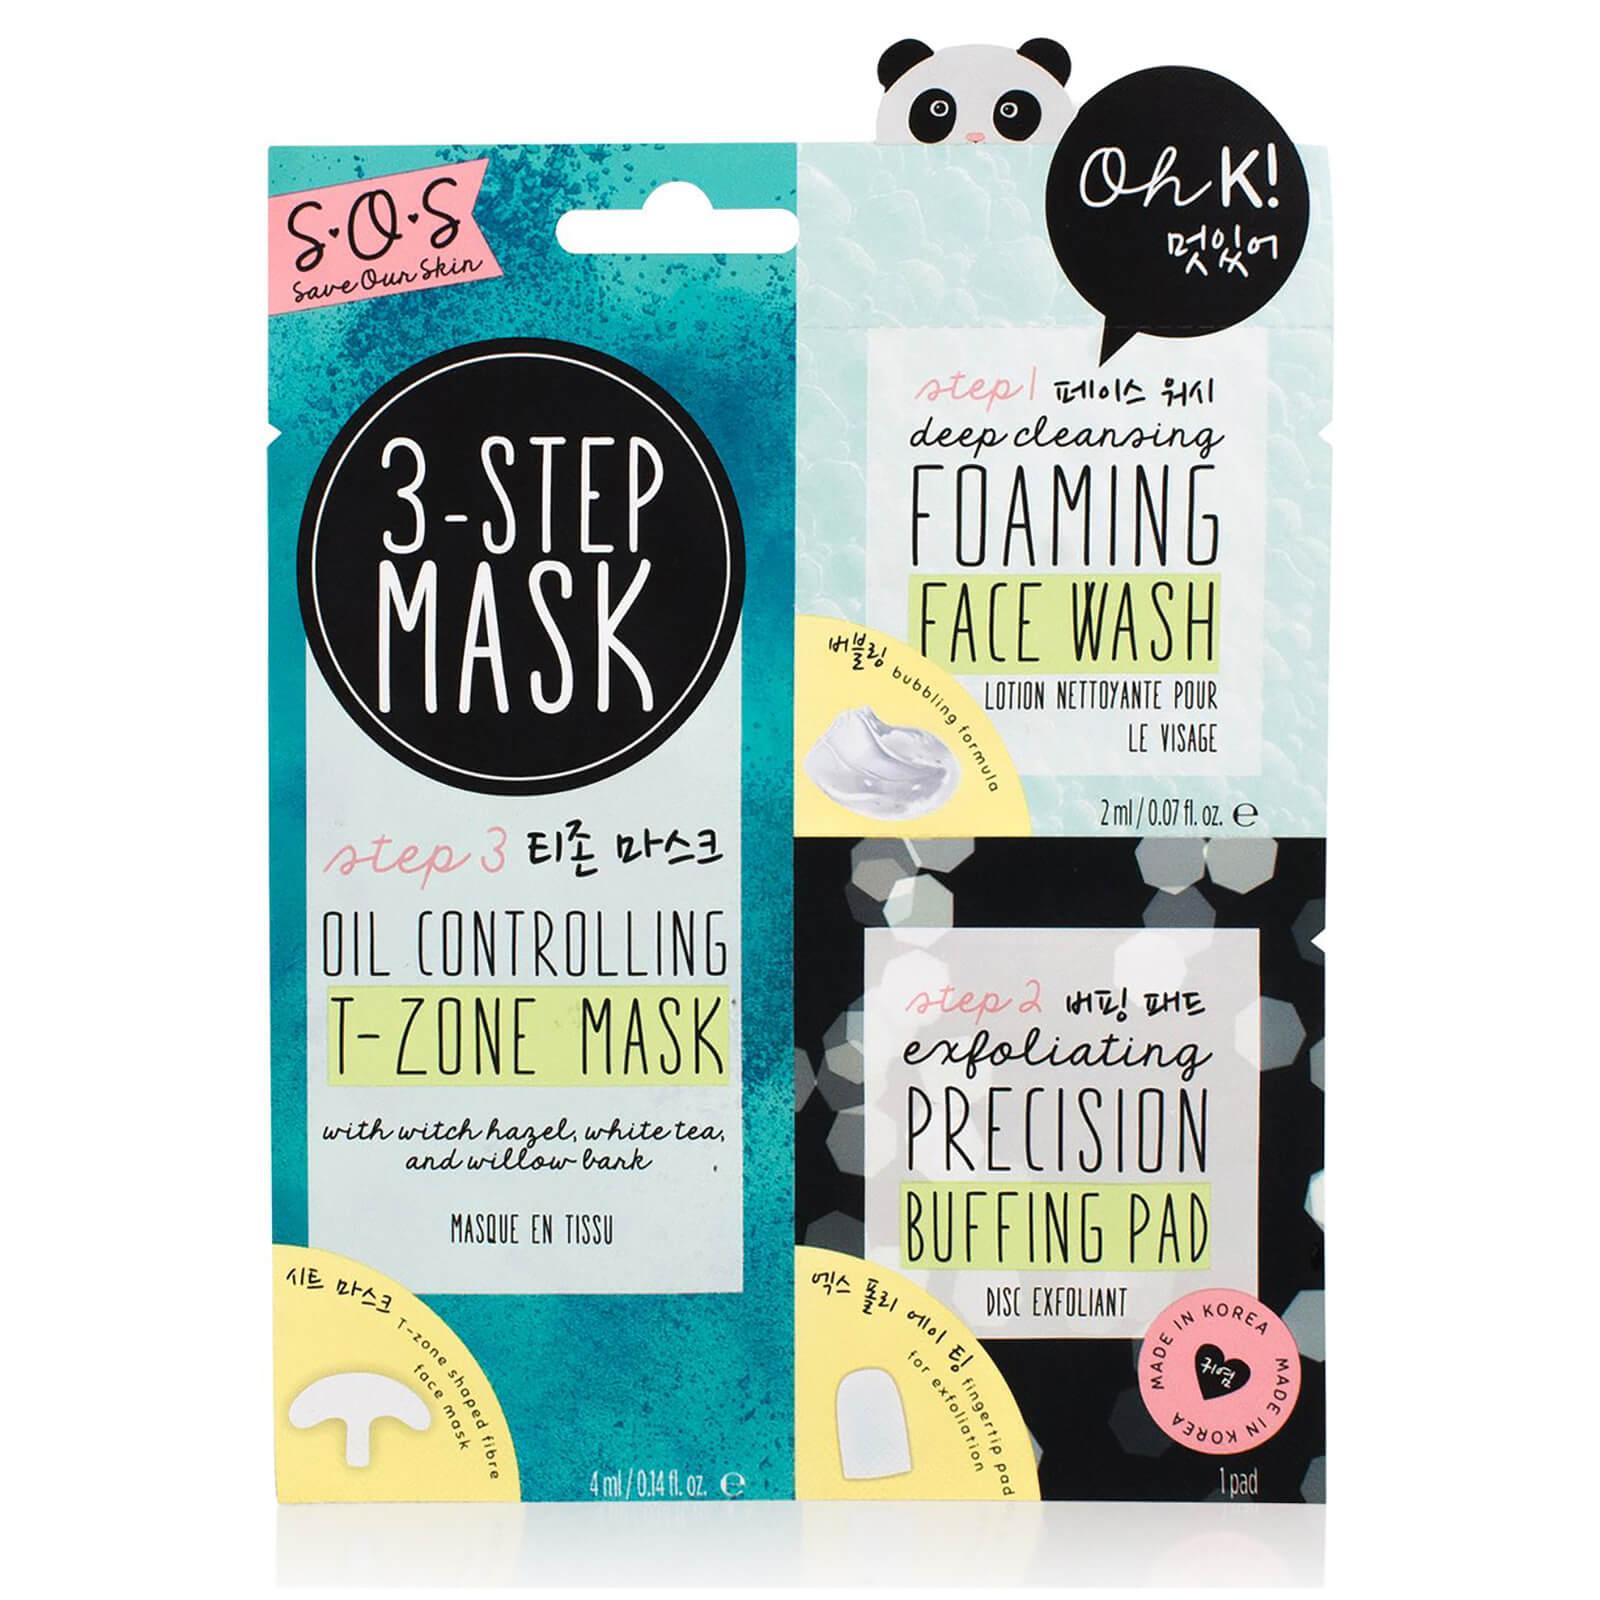 oh k! sos 3-step blemish solution mask